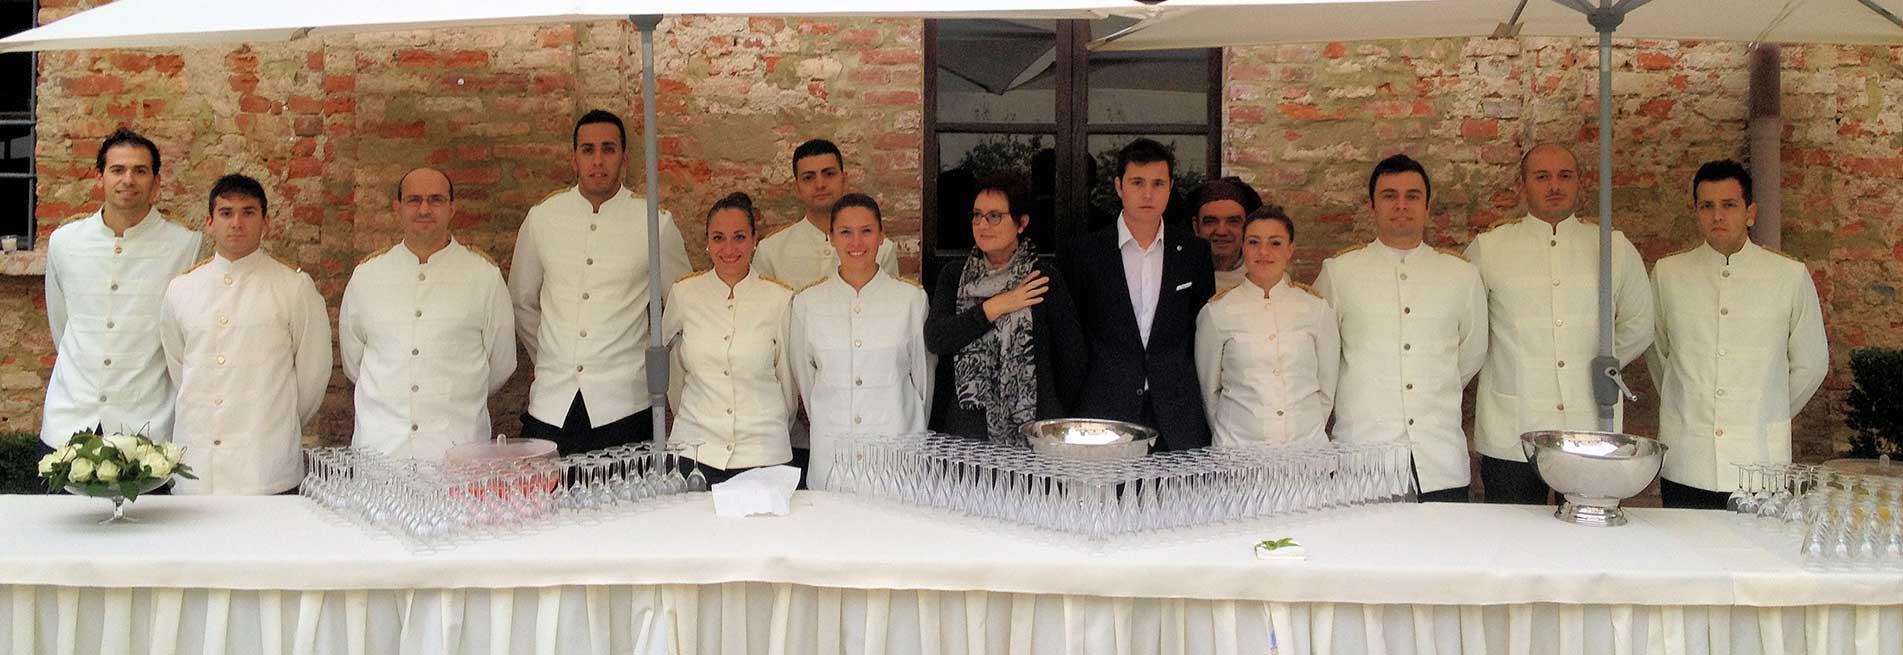 Bon Ton di Pietrni. Catering per matrimoni, banqueting per matrimonio, catering per eventi aziendali e privati a Torino e provincia